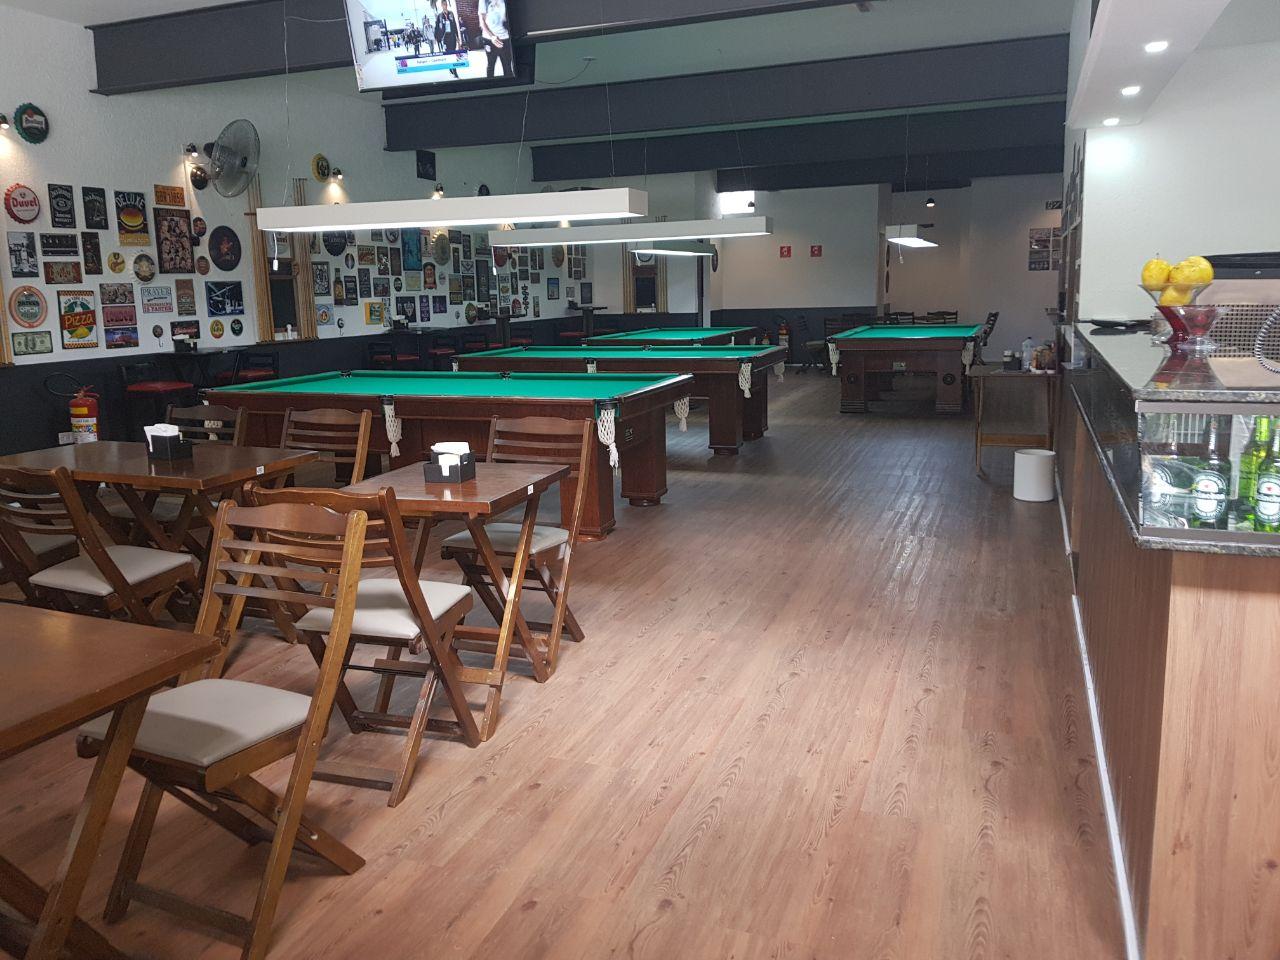 SNOOKER BAR – mande o stress pro buraco!!! Situado em São Paulo, O Mundo dos Jogos pode ser considerado um dos bares que mais possui uma identidade própria. A casa conta com ambiente moderno que alia conforto, sofisticação, e um espaço perfeito para uma happy hour. Dentro do bar o clima é familiar, com um detalhe: o ambiente é muito aconchegante, ideal para sua diversão. - Snooker Bar – mande o stress pro buraco!!!